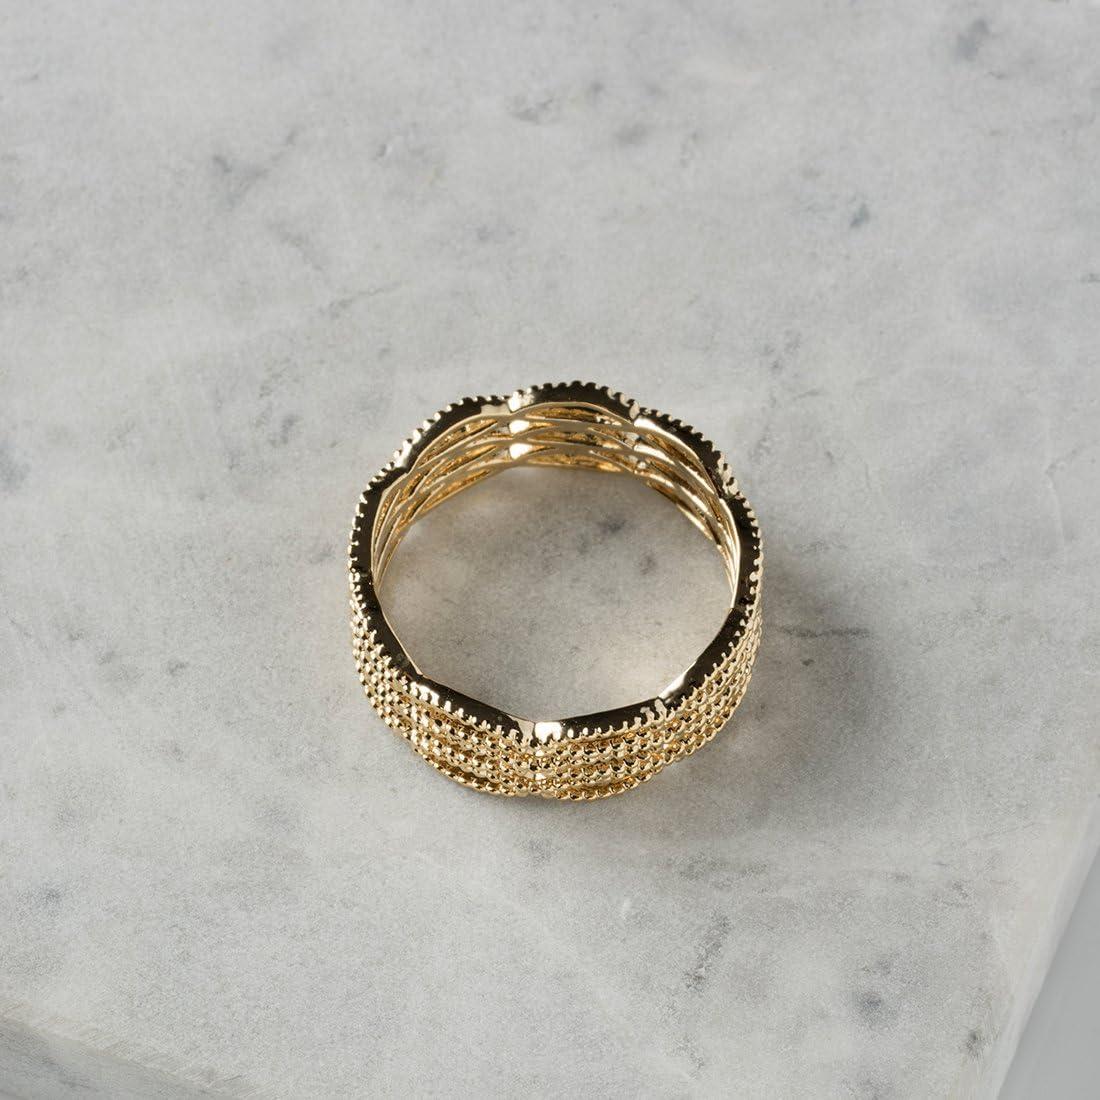 Classic Feminine Gold Net Ring for Ladies Women Girls